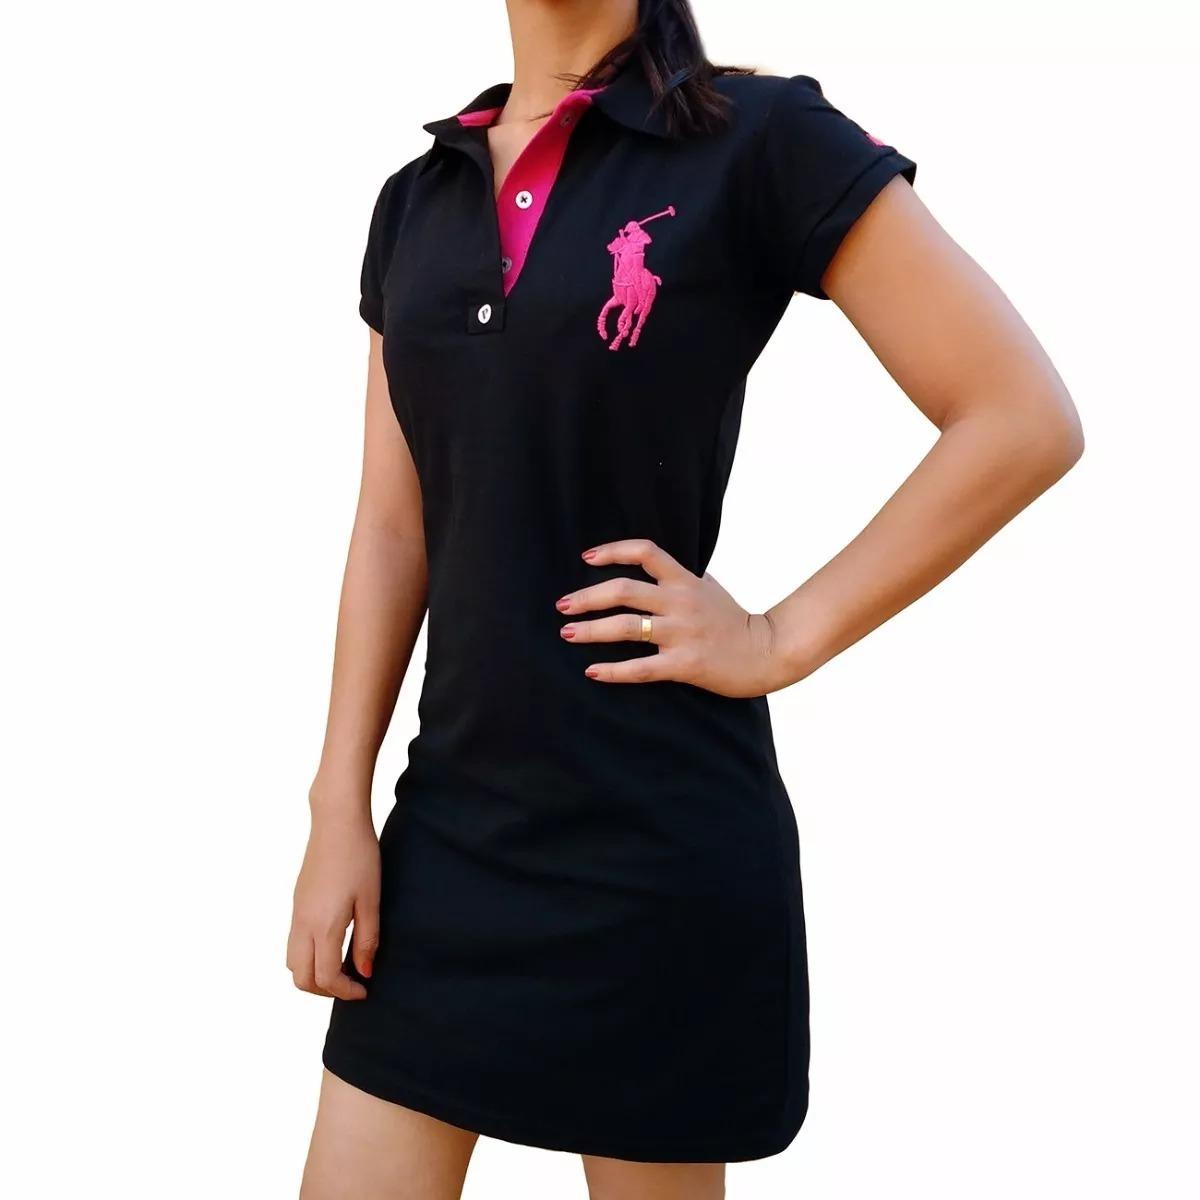 4120d85124 vestido feminino polo ralph lindo super promoção. Carregando zoom.